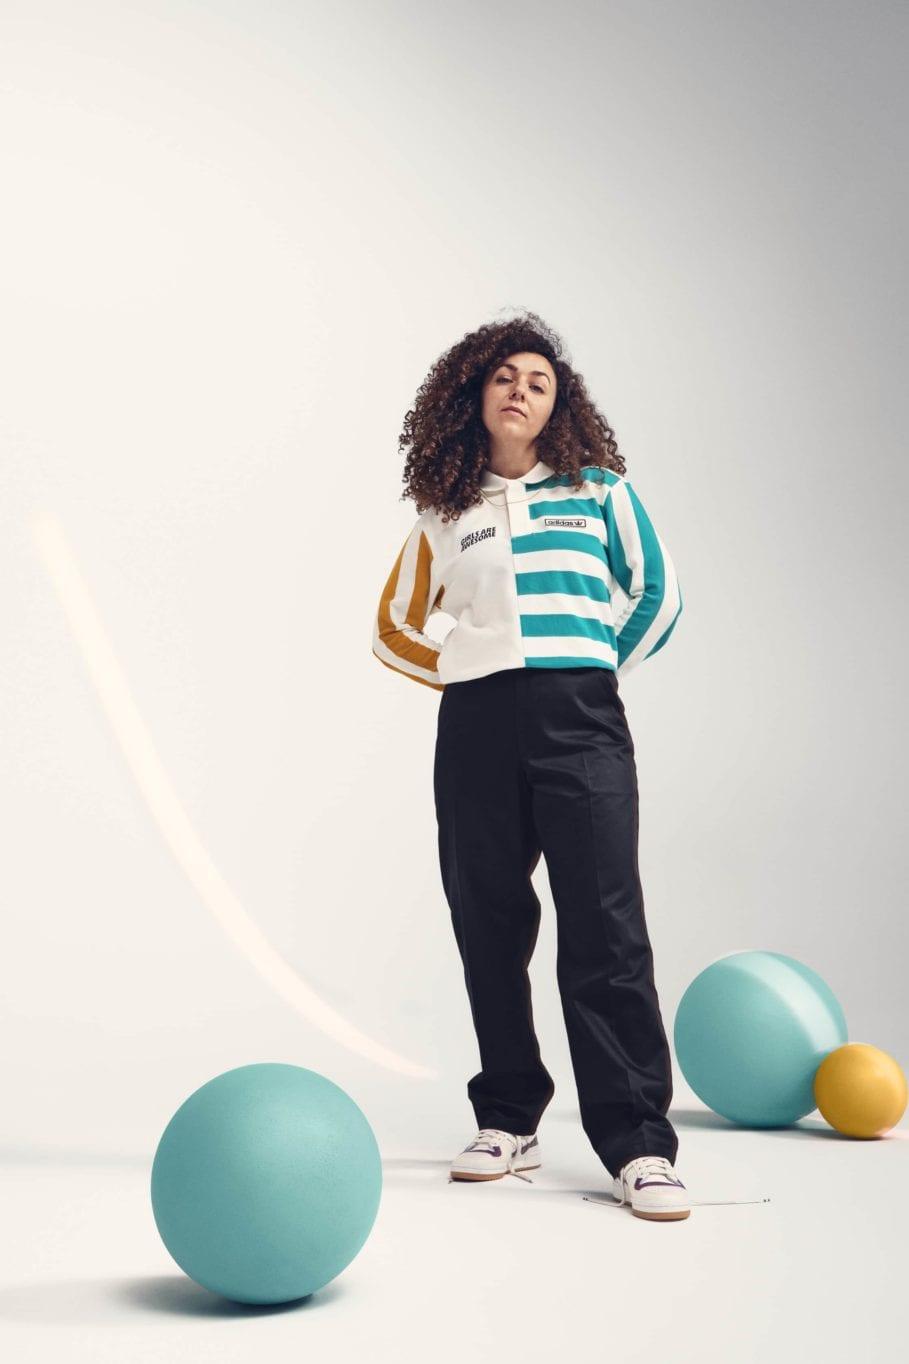 アディダス オリジナルス × ガールズ アー オーサム コレクション adidasxGirlsAreAwesome_UnisexRugby-White